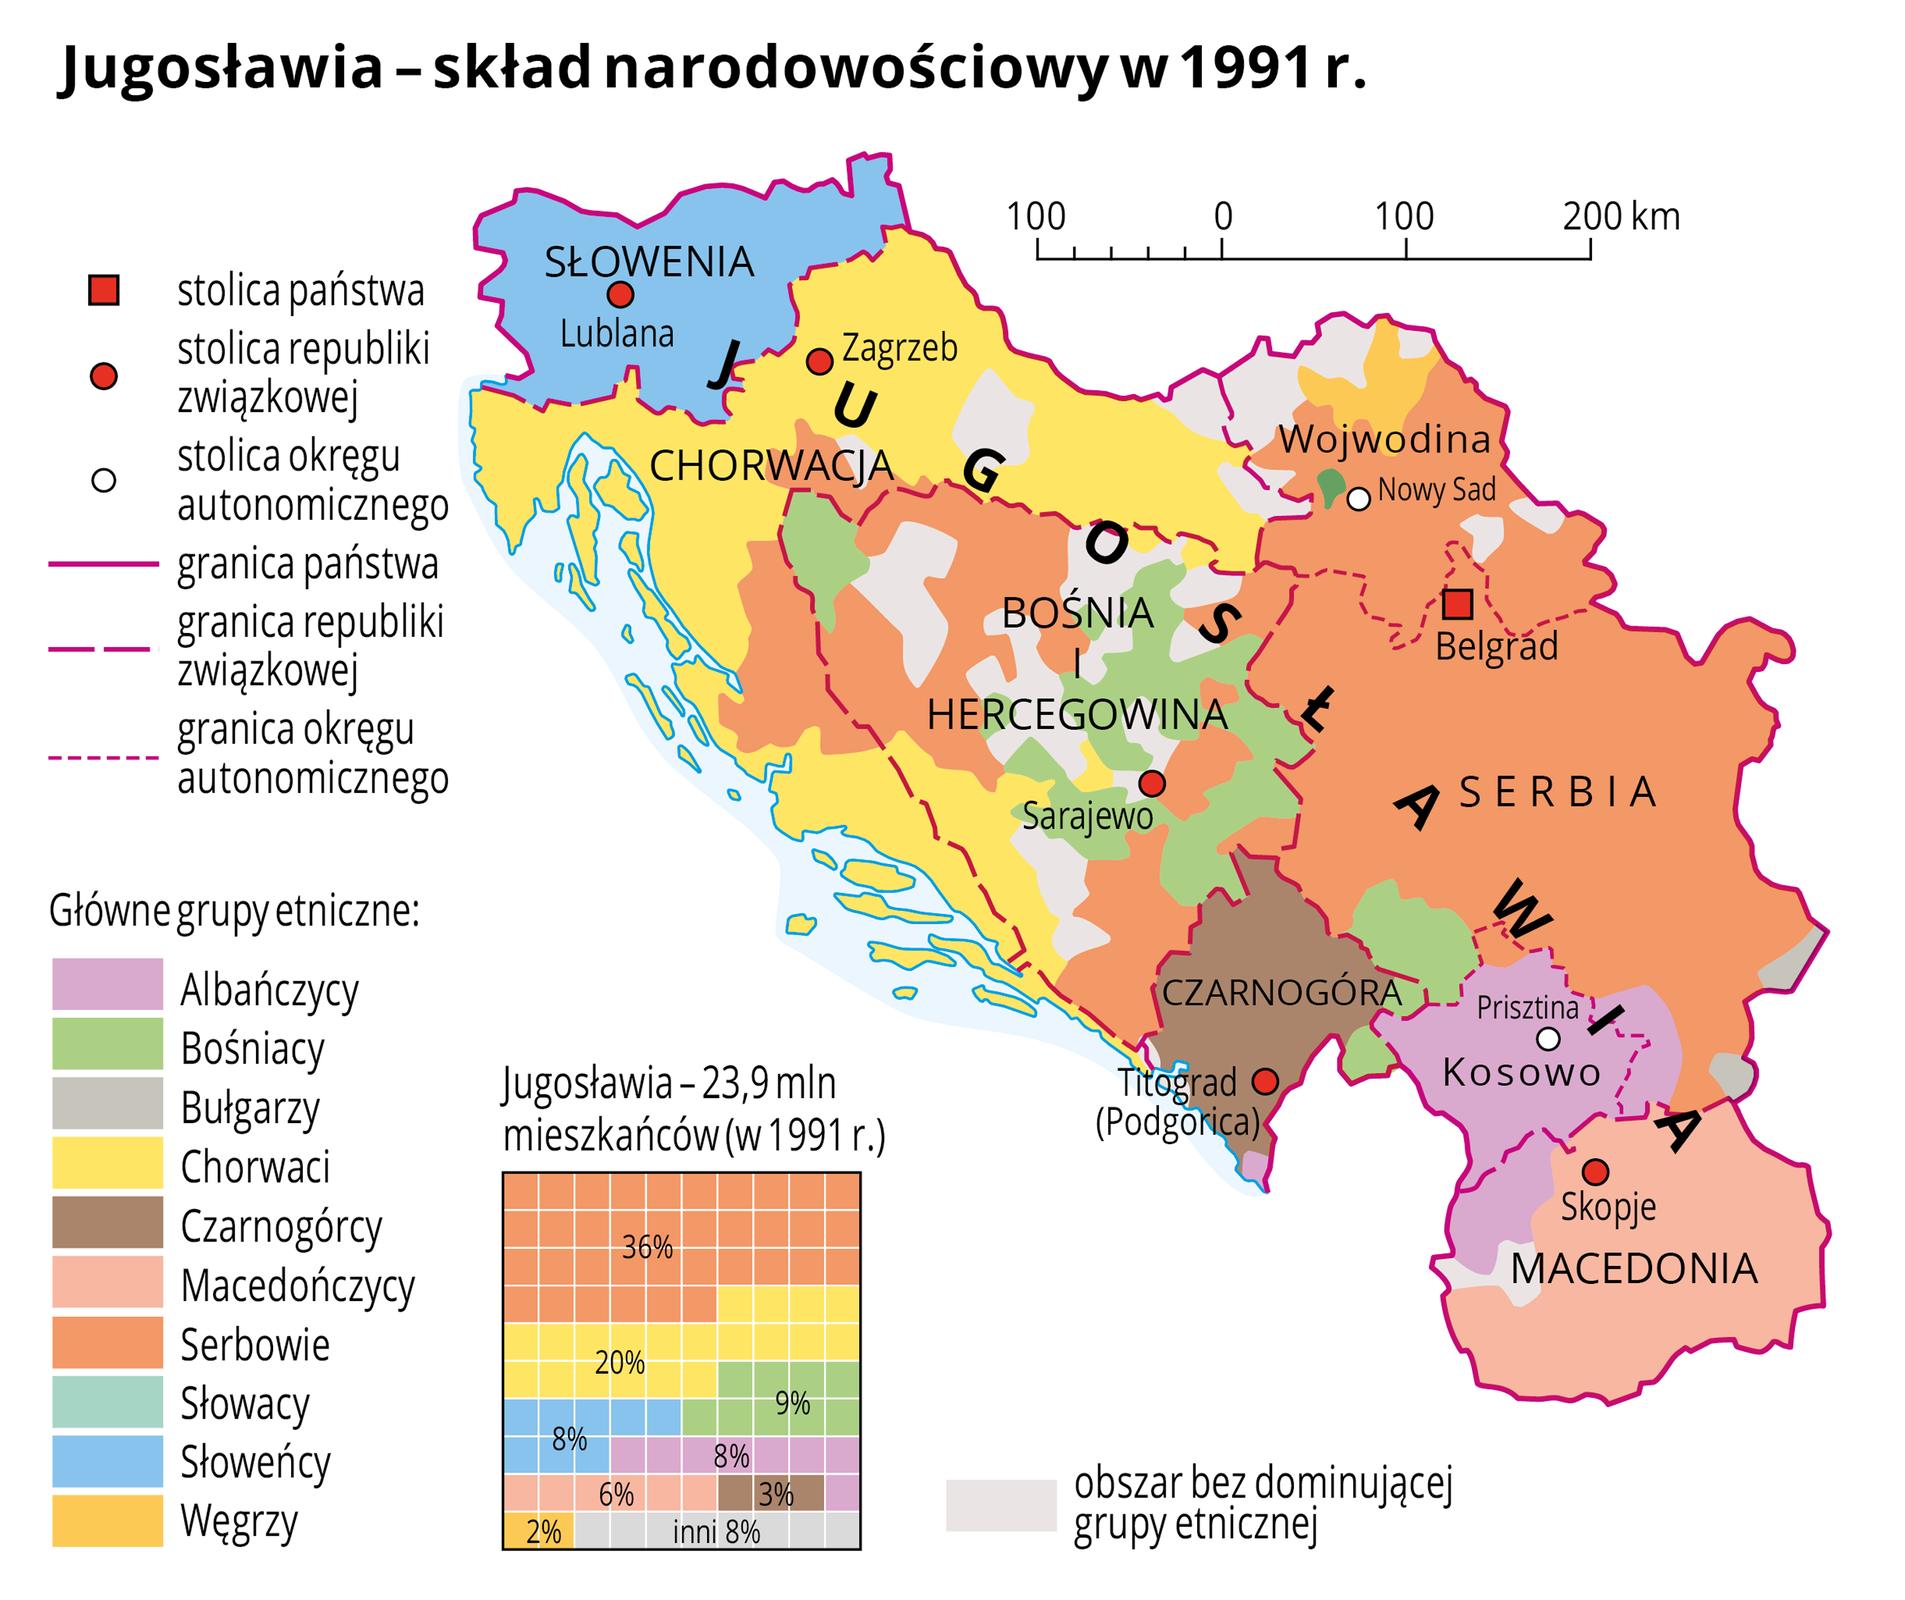 Ilustracja przedstawia skład narodowościowy Jugosławii wtysiąc dziewięćset dziewięćdziesiątym pierwszym roku. Mapa znajduje się zprawej strony, po lewej stronie umieszczono spis dziesięciu grup etnicznych, które na mapie oznaczono kolorami. Na dole ilustracji umieszczono kwadratowy diagram procentowy, na którym przedstawiono skład etniczny ludności wJugosławii wtysiąc dziewięćset dziewięćdziesiątym pierwszym roku. Wdiagramie użyto tych samych kolorów na oznaczenie poszczególnych grup etnicznych co na mapie. Zróżnicowanie kolorów na mapie ma odzwierciedlenie wzróżnicowanym składzie etnicznym ludności przedstawionym na diagramie. Trzydzieści sześć procent ludności Jugosławii, która wtysiąc dziewięćset dziewięćdziesiątym pierwszym roku liczyła prawie dwadzieścia cztery miliony, stanowili Serbowie, dwadzieścia procent – Chorwaci, po około osiem procent – Słoweńcy, Bośniacy iAlbańczycy, sześć procent – Macedończycy, trzy procent – Czarnogórcy, dwa procent – Węgrzy, pozostałe osiem procent – inni. Na mapie zaznaczono granicę państwa, granice republik związkowych iokręgów autonomicznych, opisano nazwę państwa, nazwy republik związkowych iokręgów autonomicznych. Oznaczono czerwonym kwadracikiem iopisano stolicę państwa. Oznaczono czerwonymi kółeczkami iopisano stolice republik związkowych. Oznaczono białymi kółeczkami iopisano stolice okręgów autonomicznych. Kolorem błękitnym zaznaczono wąski fragment Morza Adriatyckiego wzdłuż wybrzeży Chorwacji. Kolorami, jak już wspominano oznaczono grupy etniczne. Dominuje kolor pomarańczowy oznaczony wlegendzie jako Serbowie. Po lewej stronie mapy wlegendzie umieszczono wyjaśnienia znaków użytych na mapie: stolice państw, republik związkowych iokręgów autonomicznych, granice państw, republik związkowych iokręgów autonomicznych. Kolorami oznaczono następujące grupy etniczne: Albańczycy, Bośniacy, Bułgarzy, Chorwaci, Czarnogórcy, Macedończycy, Serbowie, Słowacy, Słoweńcy, Węgrzy.